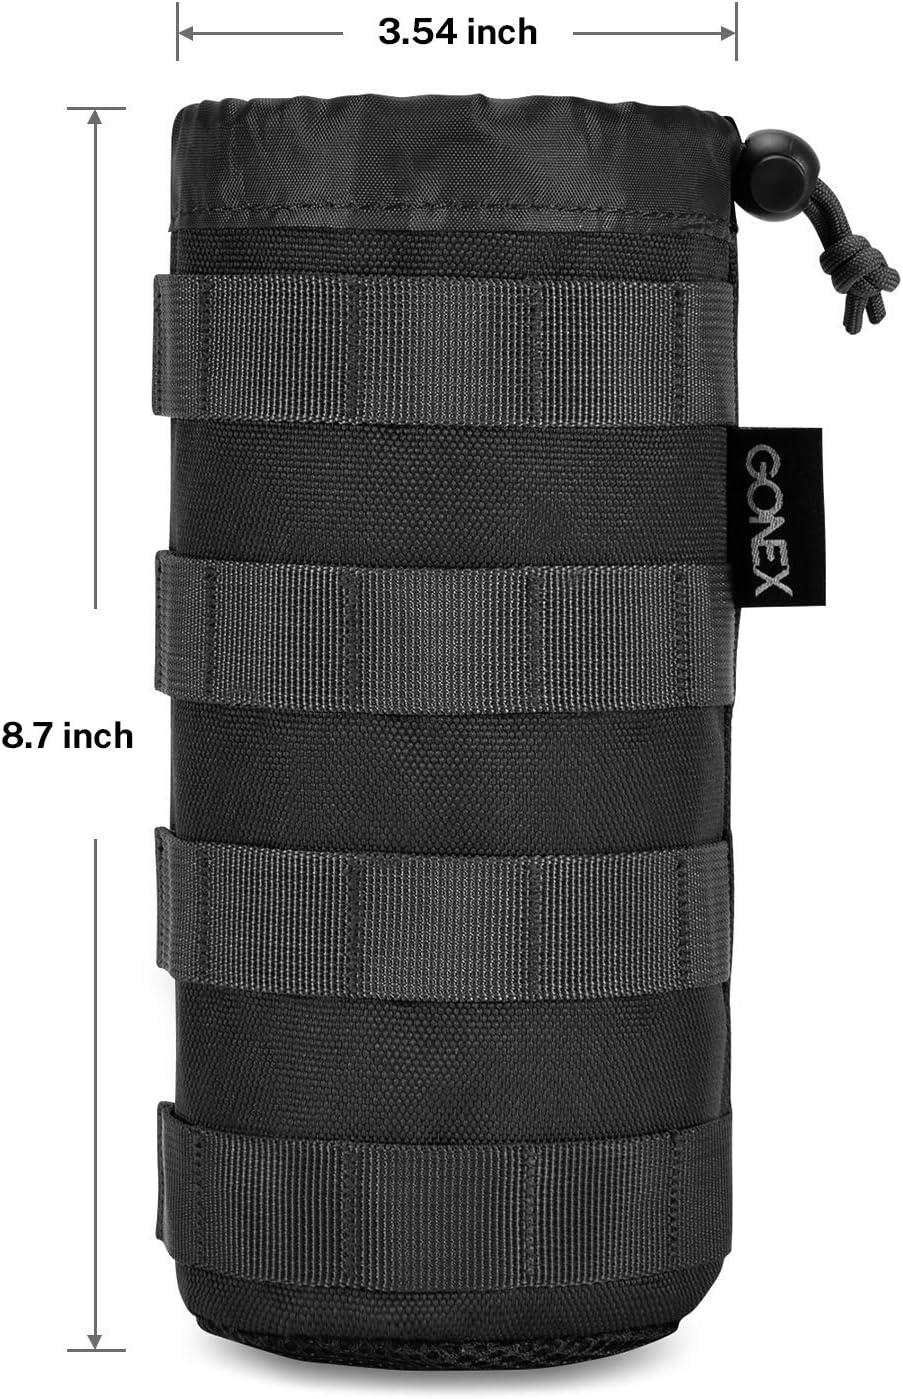 Gonex Sac pour Bouteille Deau Pochette Gourde Tactiquel Militaire MOLLE En Nylon Cordon Serrage Pour Camping Randonn/ée Cyclisme Chasse Trekking Voyage Sport